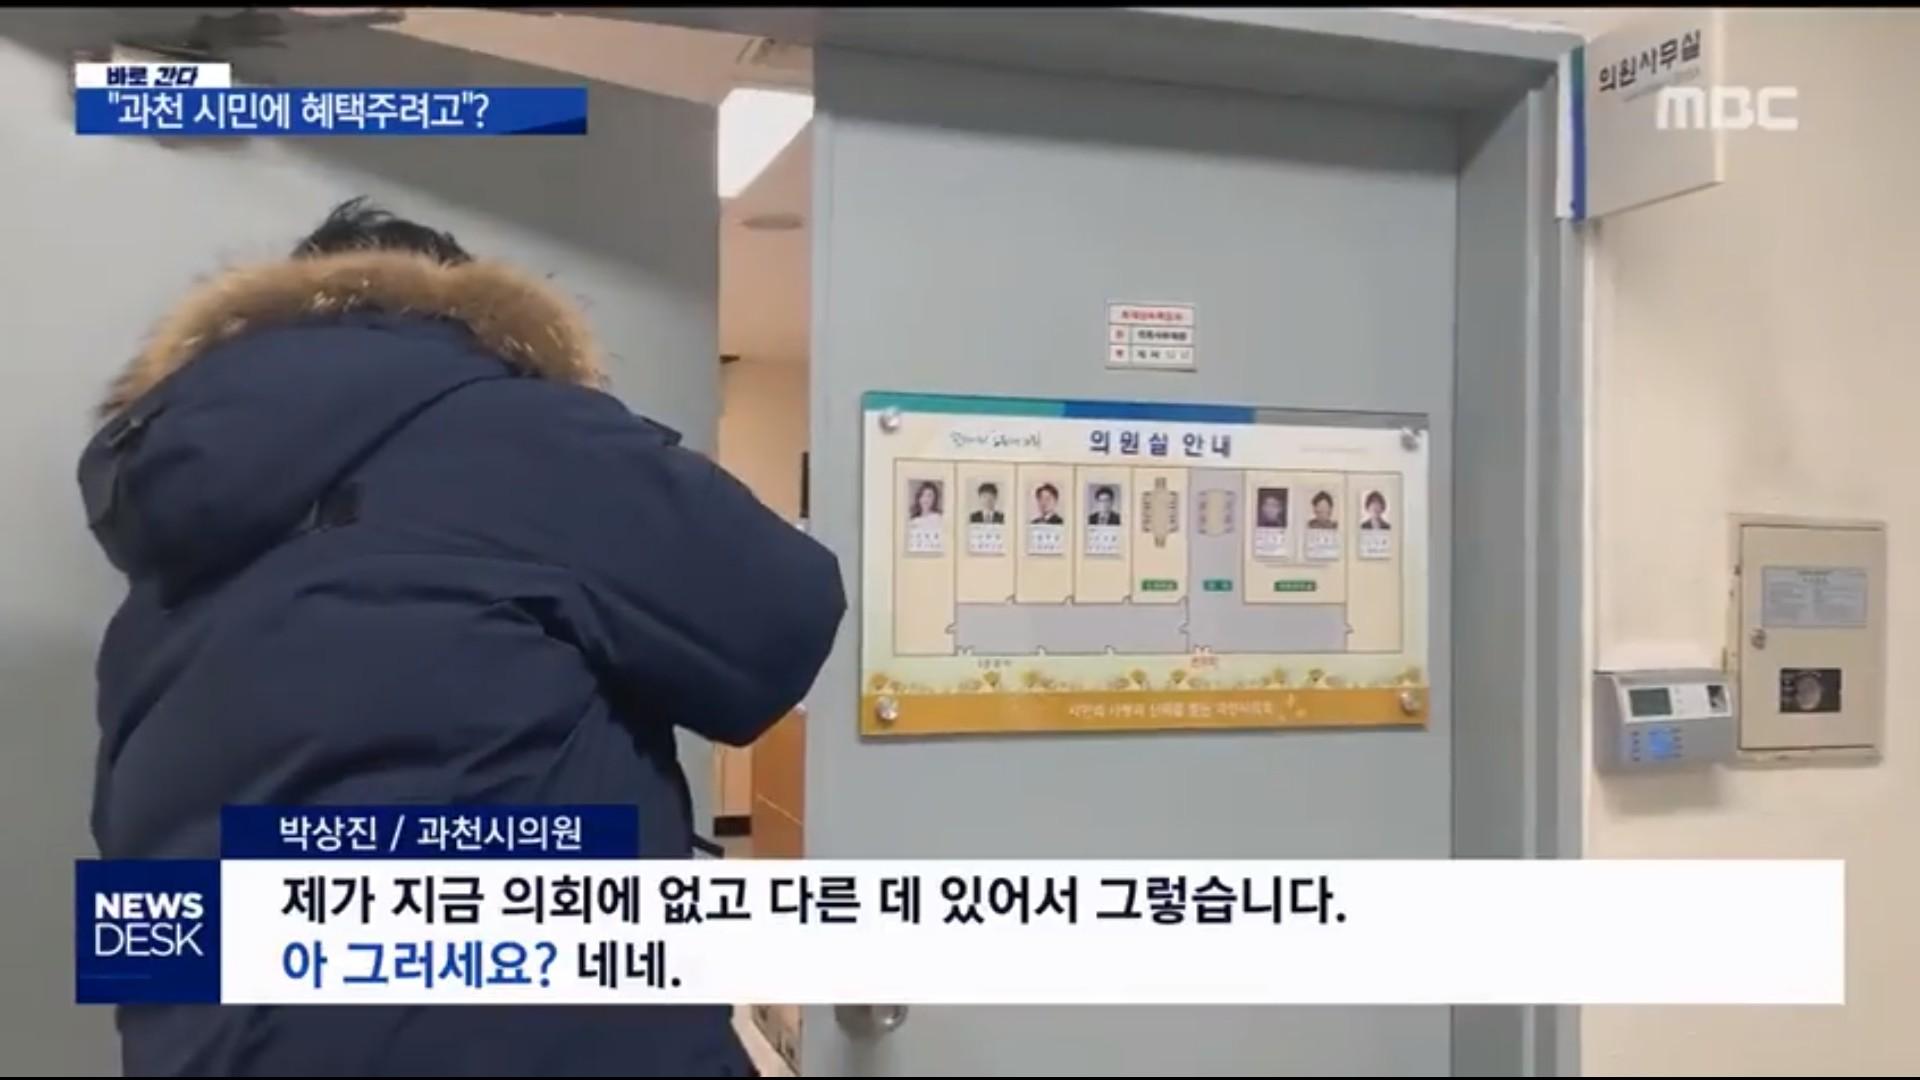 """박상진 의원, 유학중인 아들 만나러 해외연수?… """"이게 왜 문제"""""""